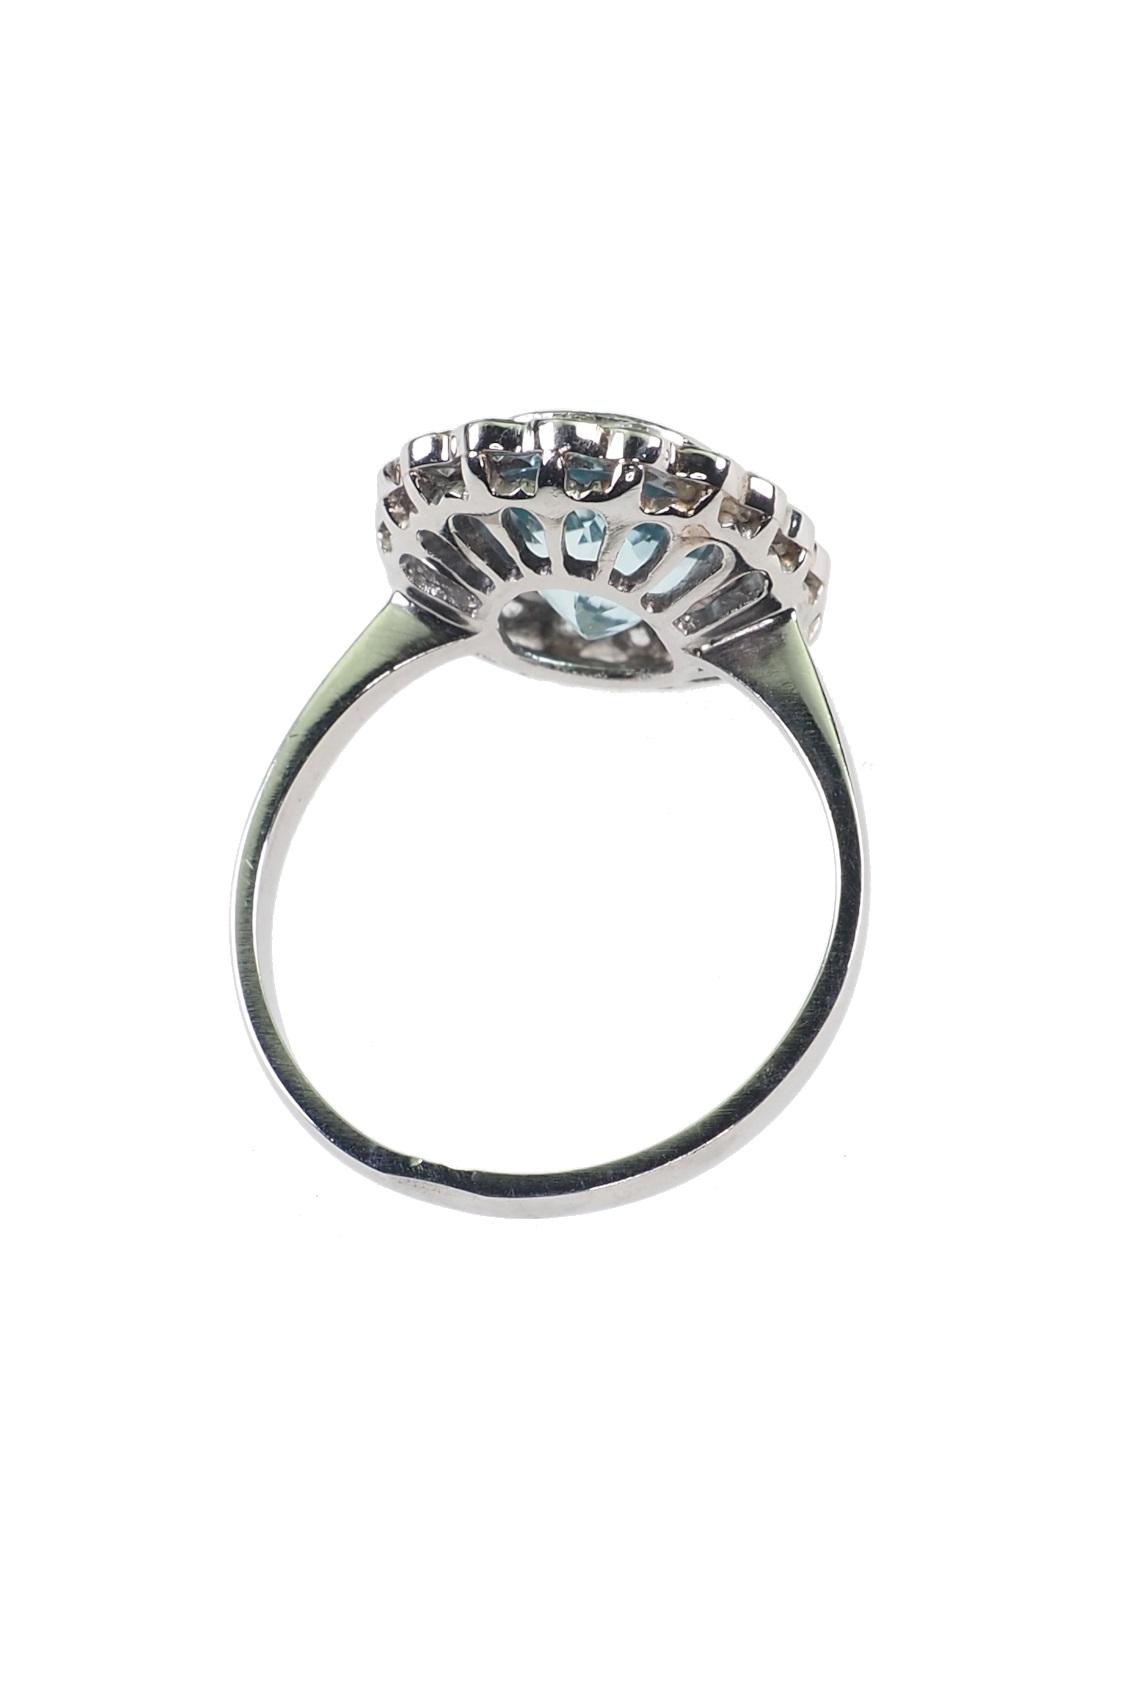 Aquamarinringe-online-kaufen-1180c